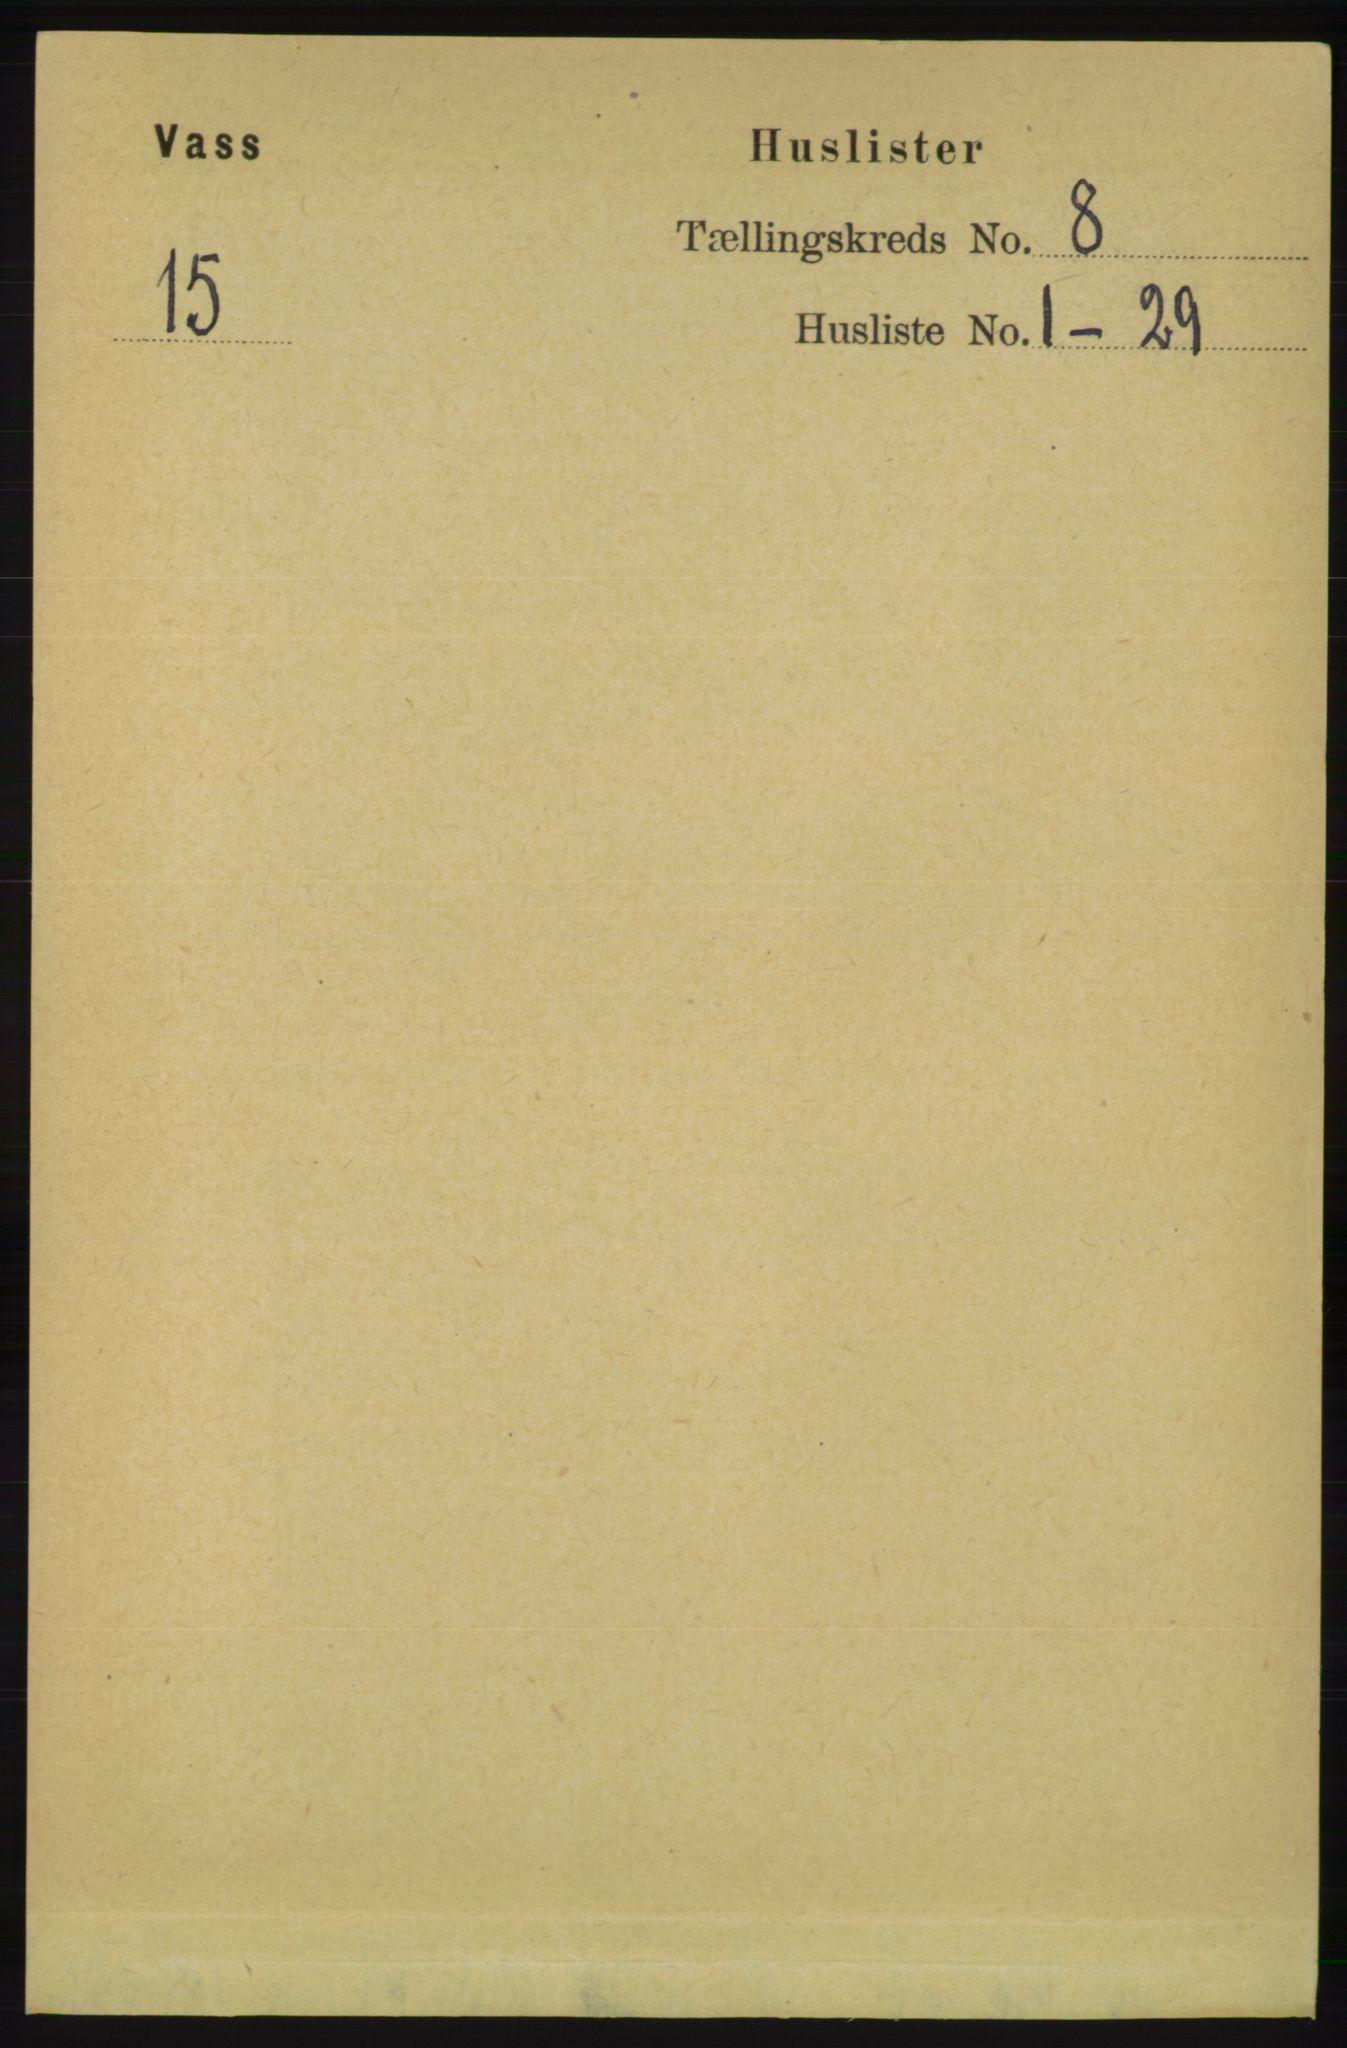 RA, Folketelling 1891 for 1155 Vats herred, 1891, s. 1300